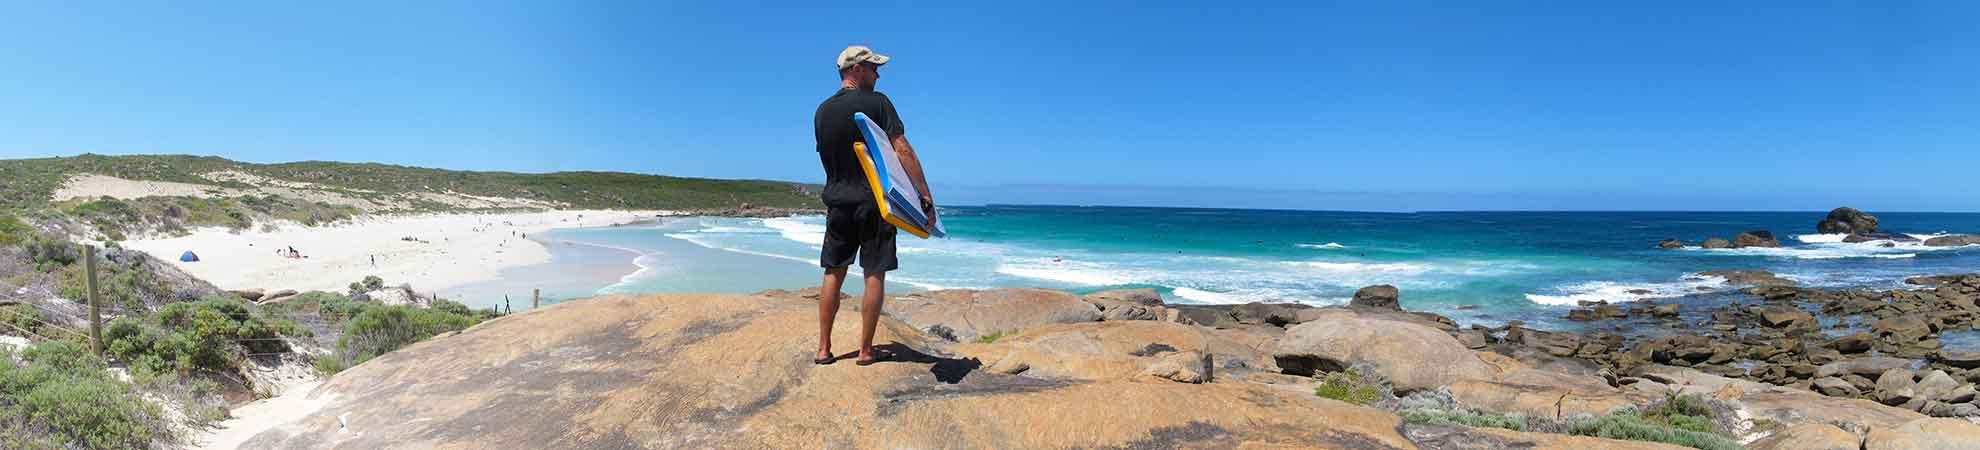 Surfer à Margaret River